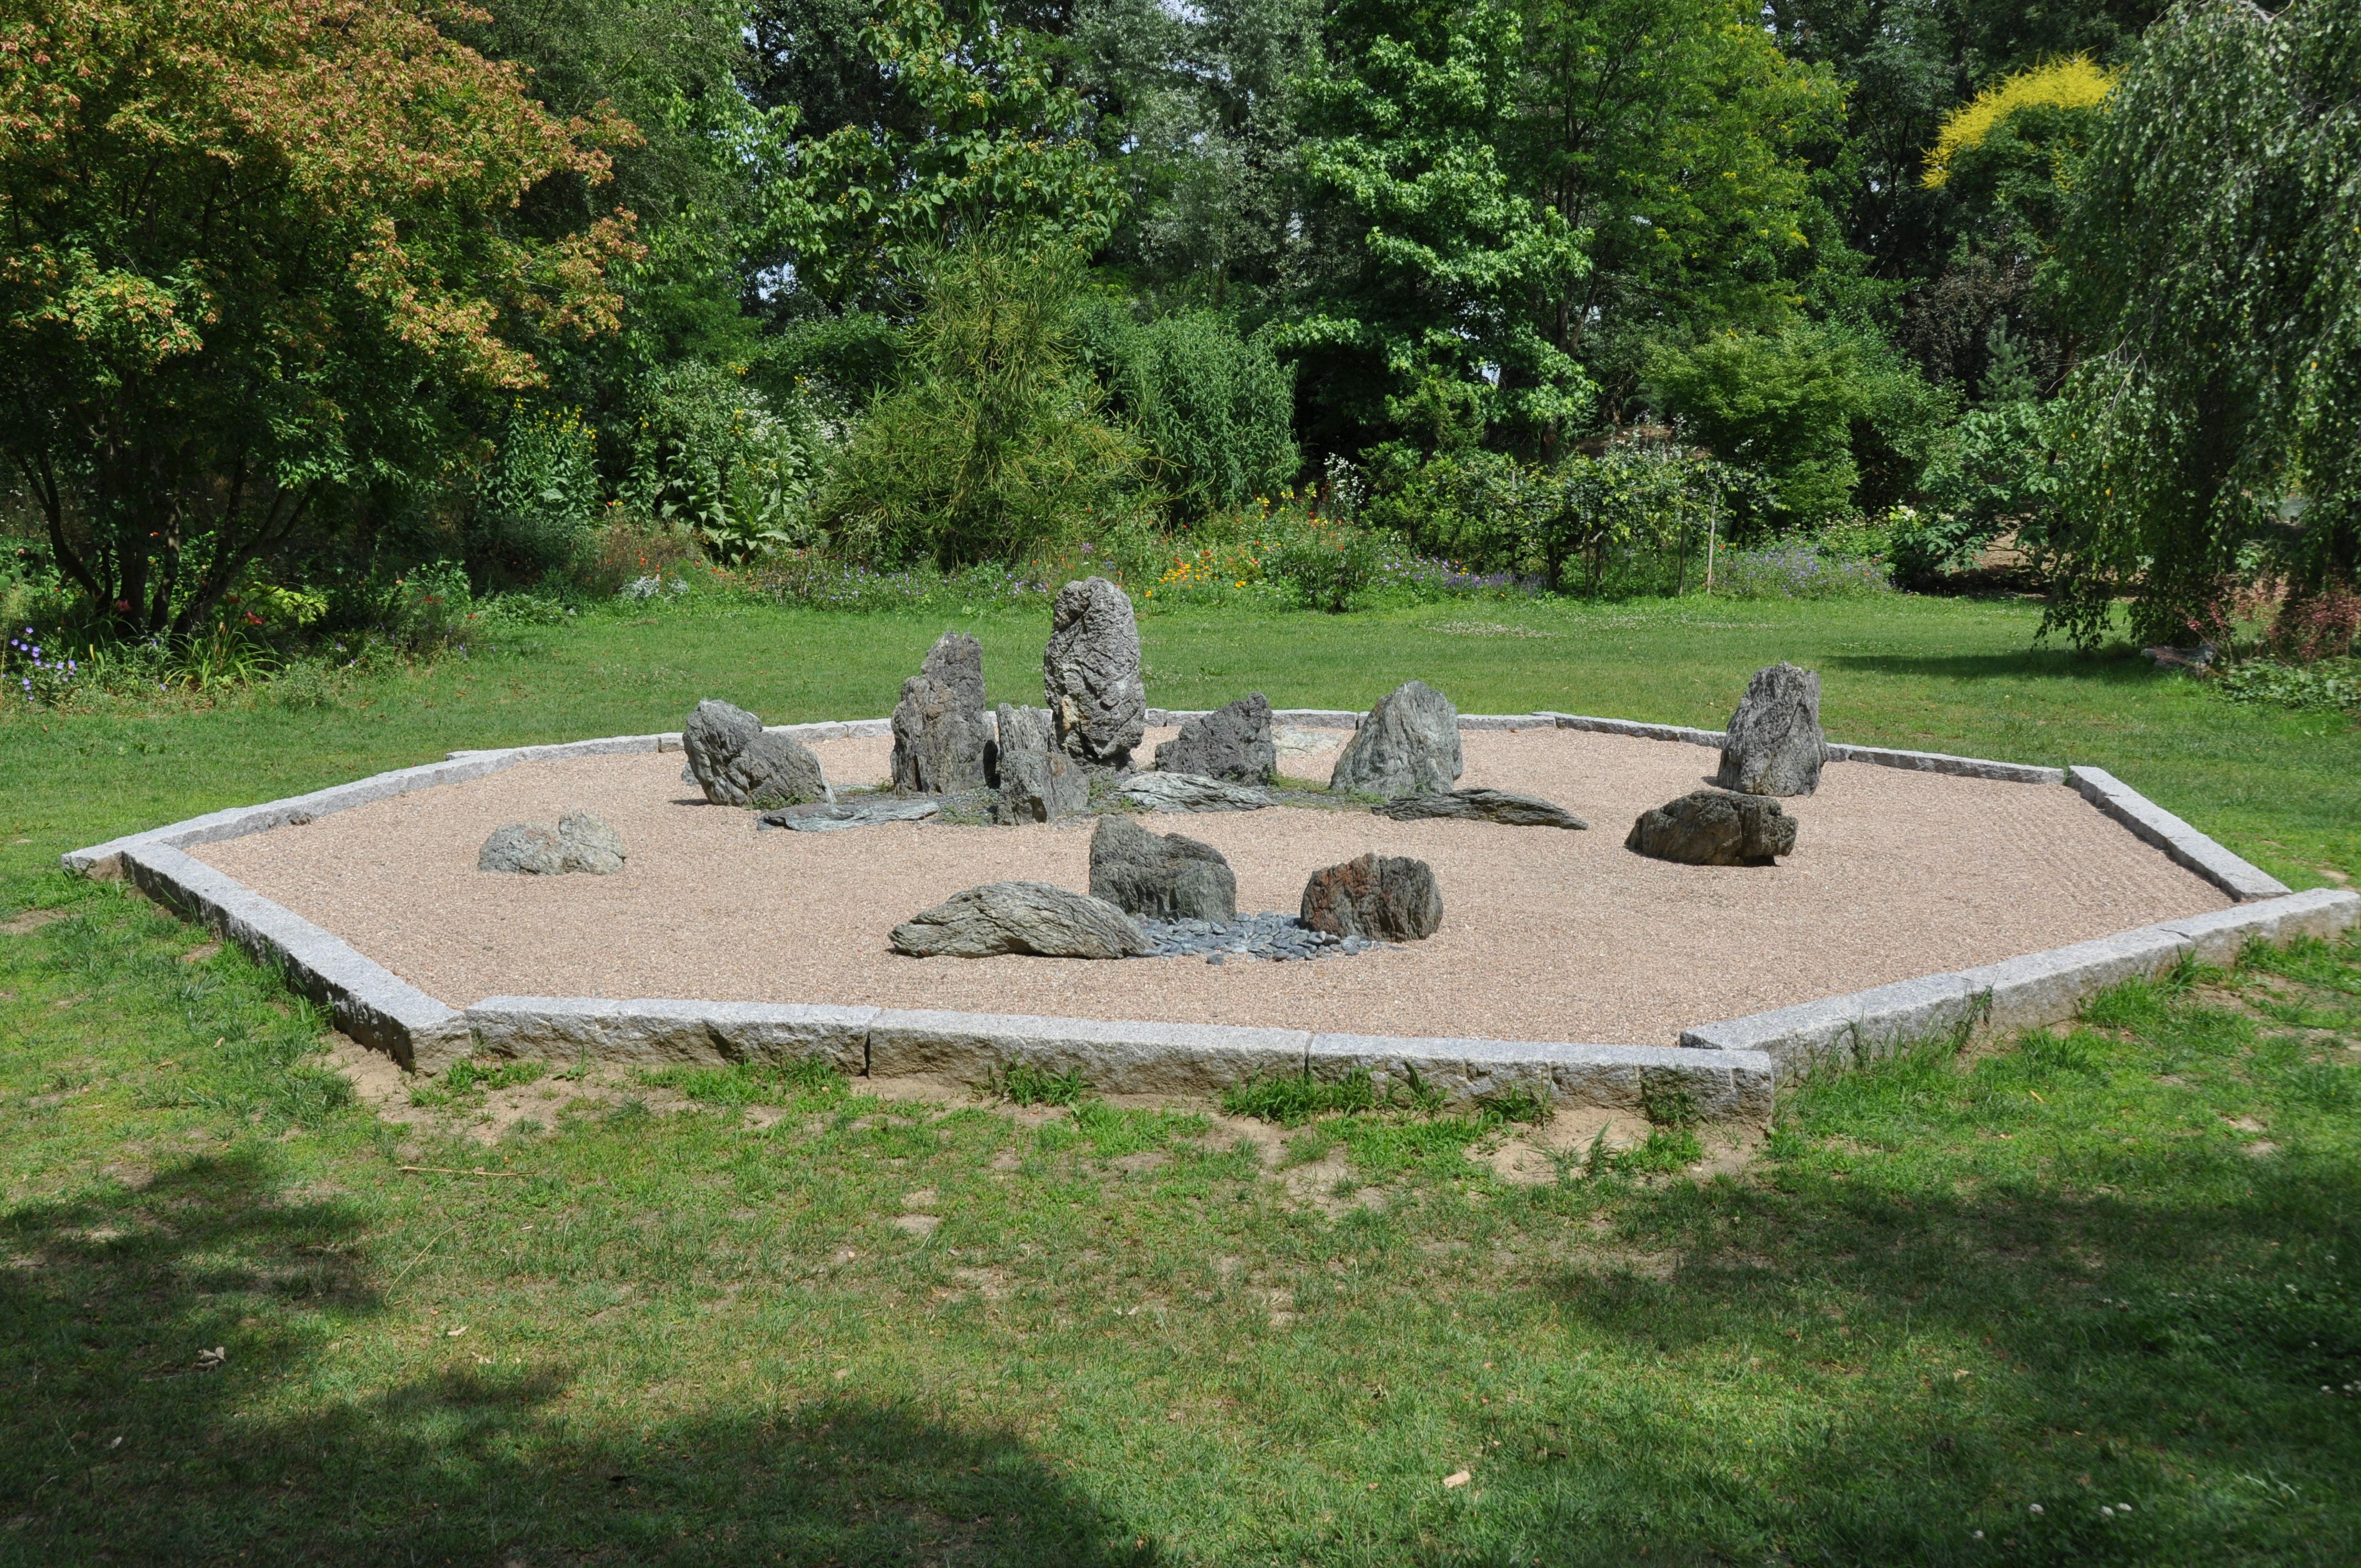 Jardin Zen Amberieu Beau Photographie Le Jardin Zen D Erik Borja Dr Me Proven Ale Archives Ride and Pics